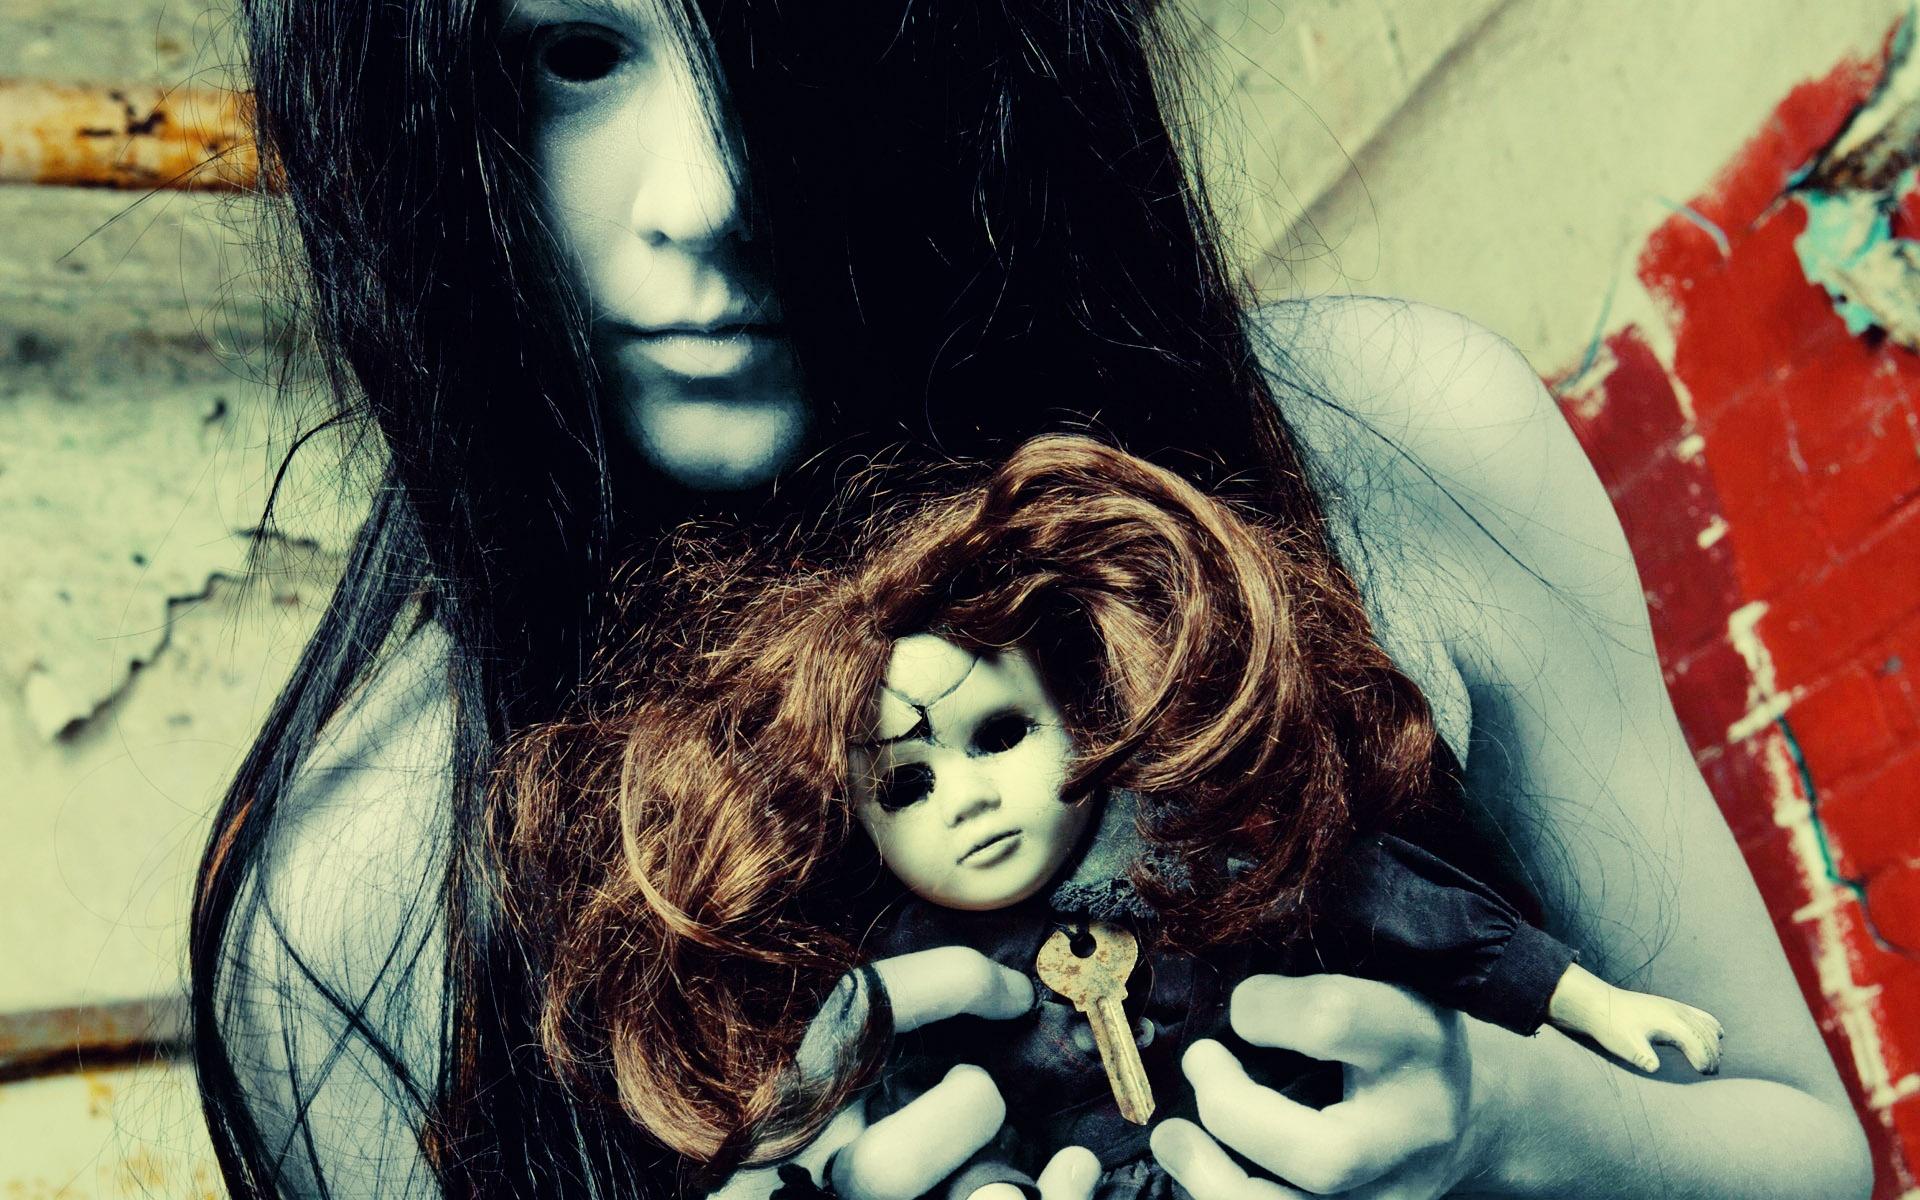 dark ghost horror scary creepy spooky halloween doll toys evil